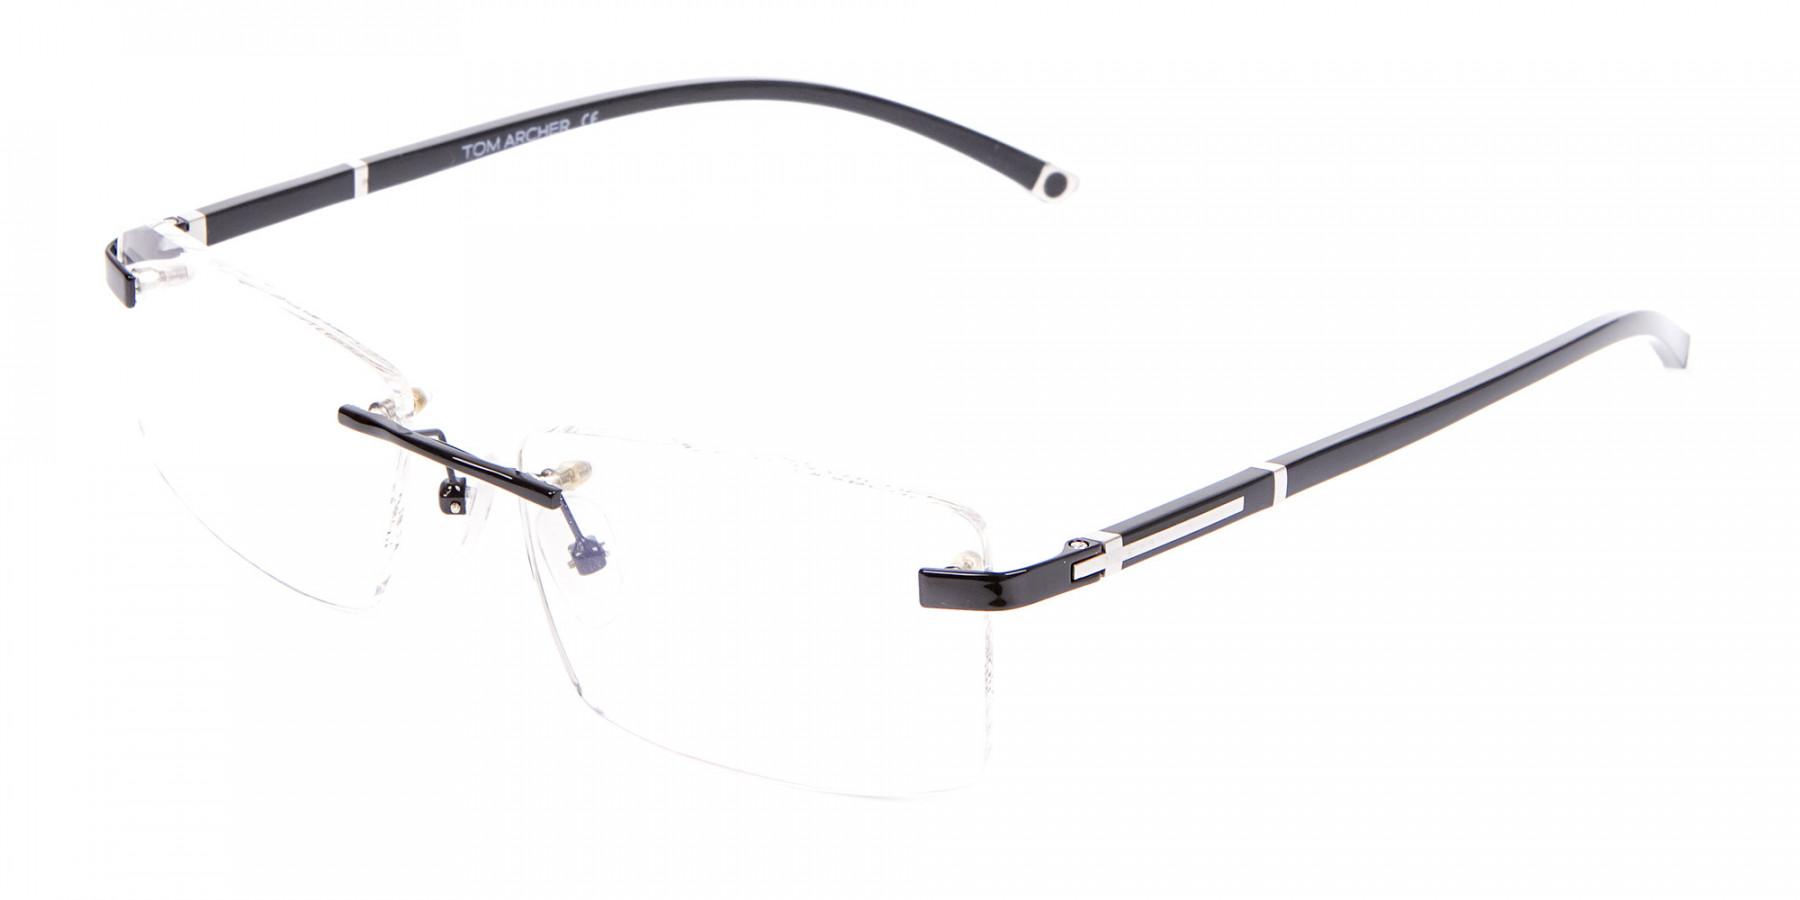 Frameless Glasses Black & Silver, Glasses UK-1